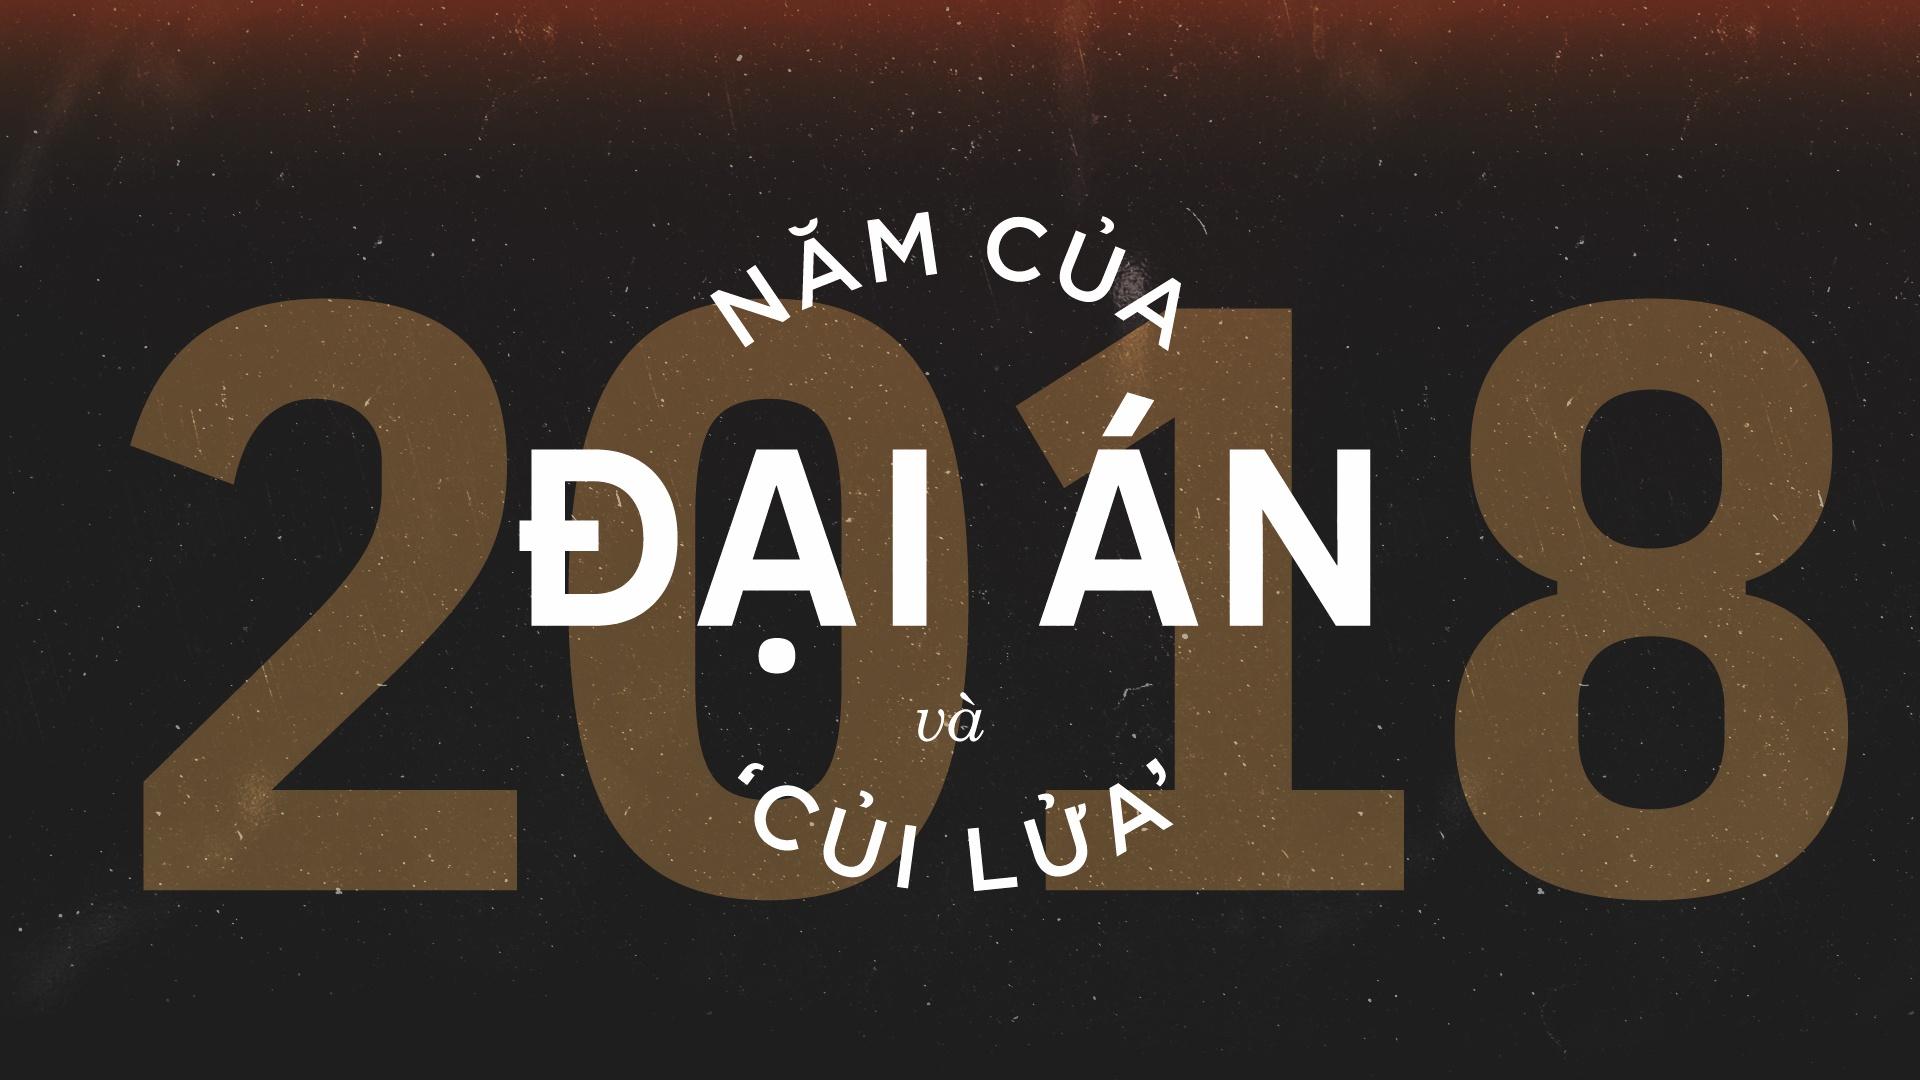 2018 - nam cua dai an, 'cui lua' hinh anh 2